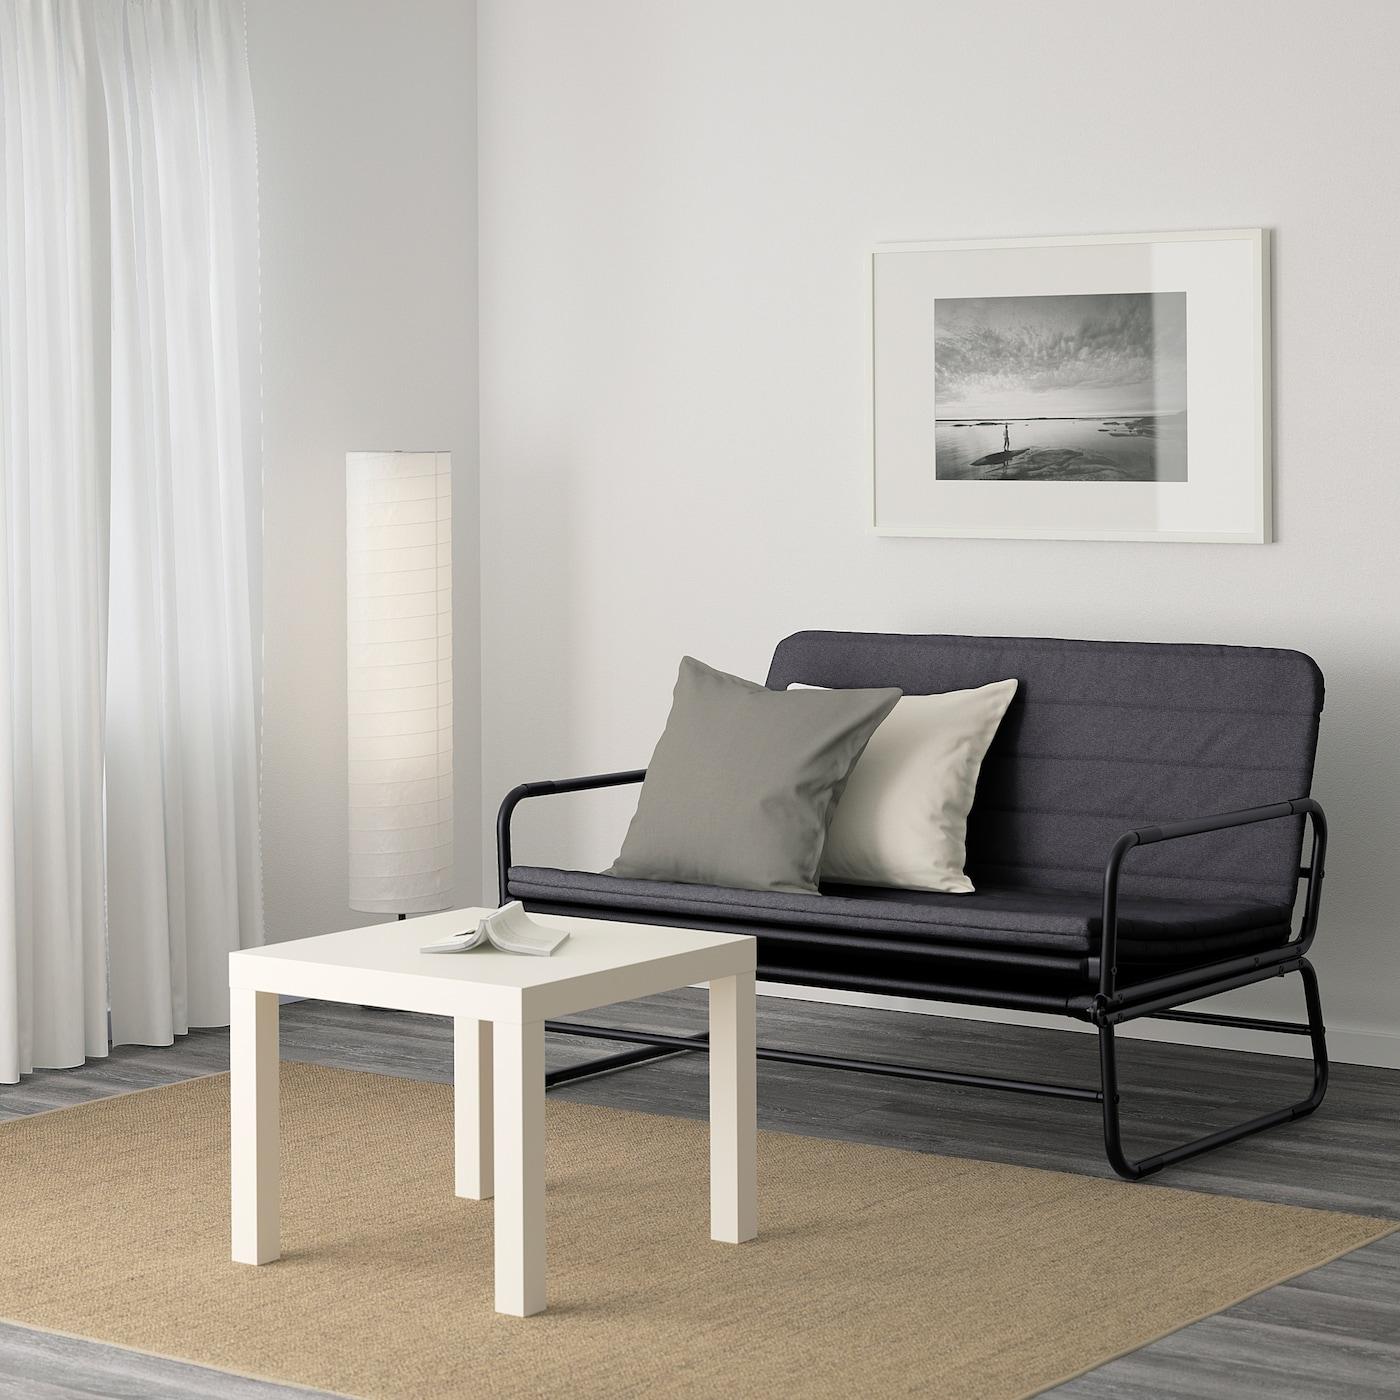 HAMMARN Sovesofa, Knisa mørk grå/svart, 120 cm